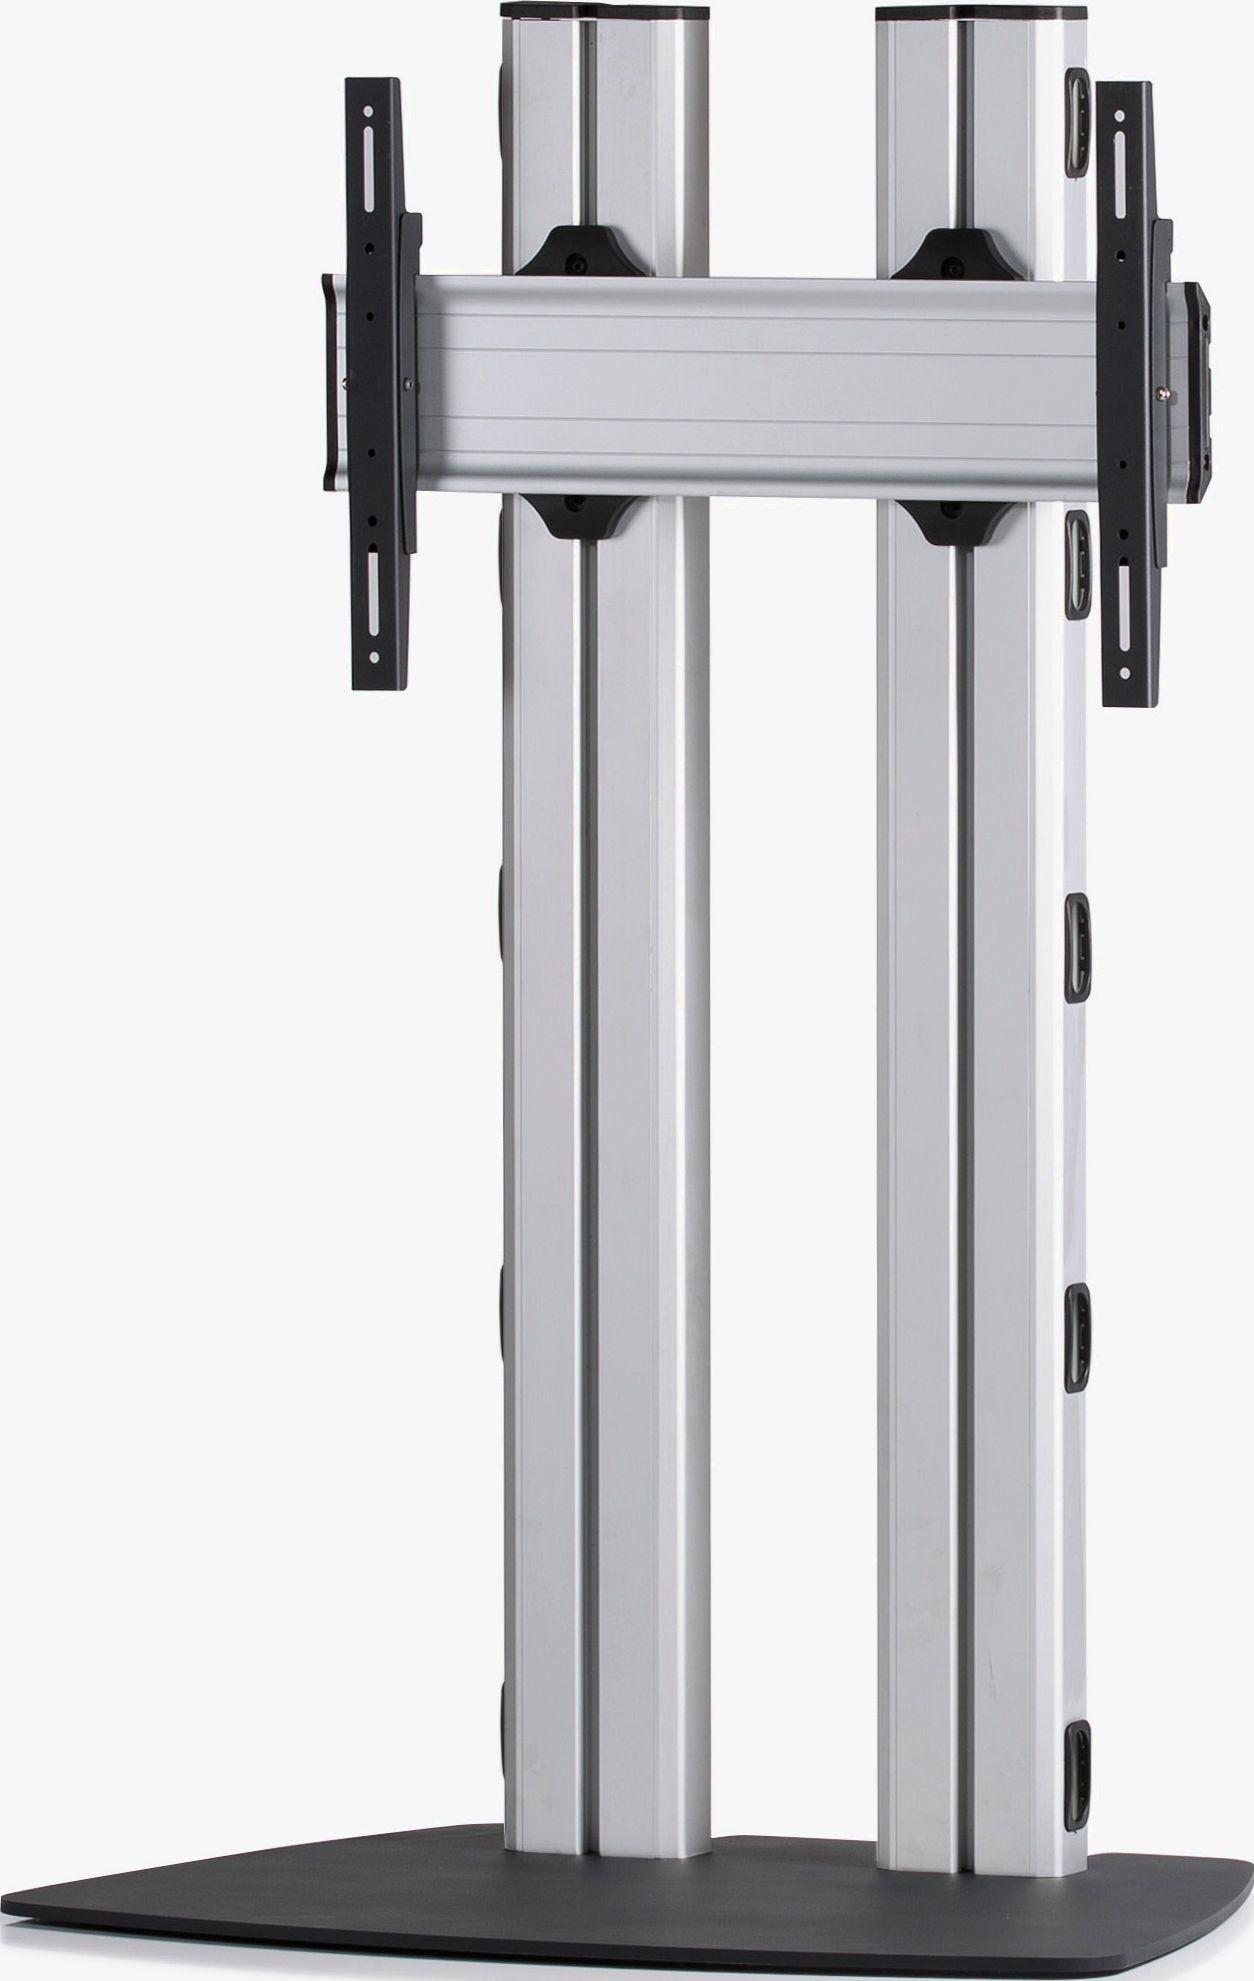 1 Display 1×1, für große Bildschirme, Höhe 135 cm, Standard-VESA, mit Standfuß